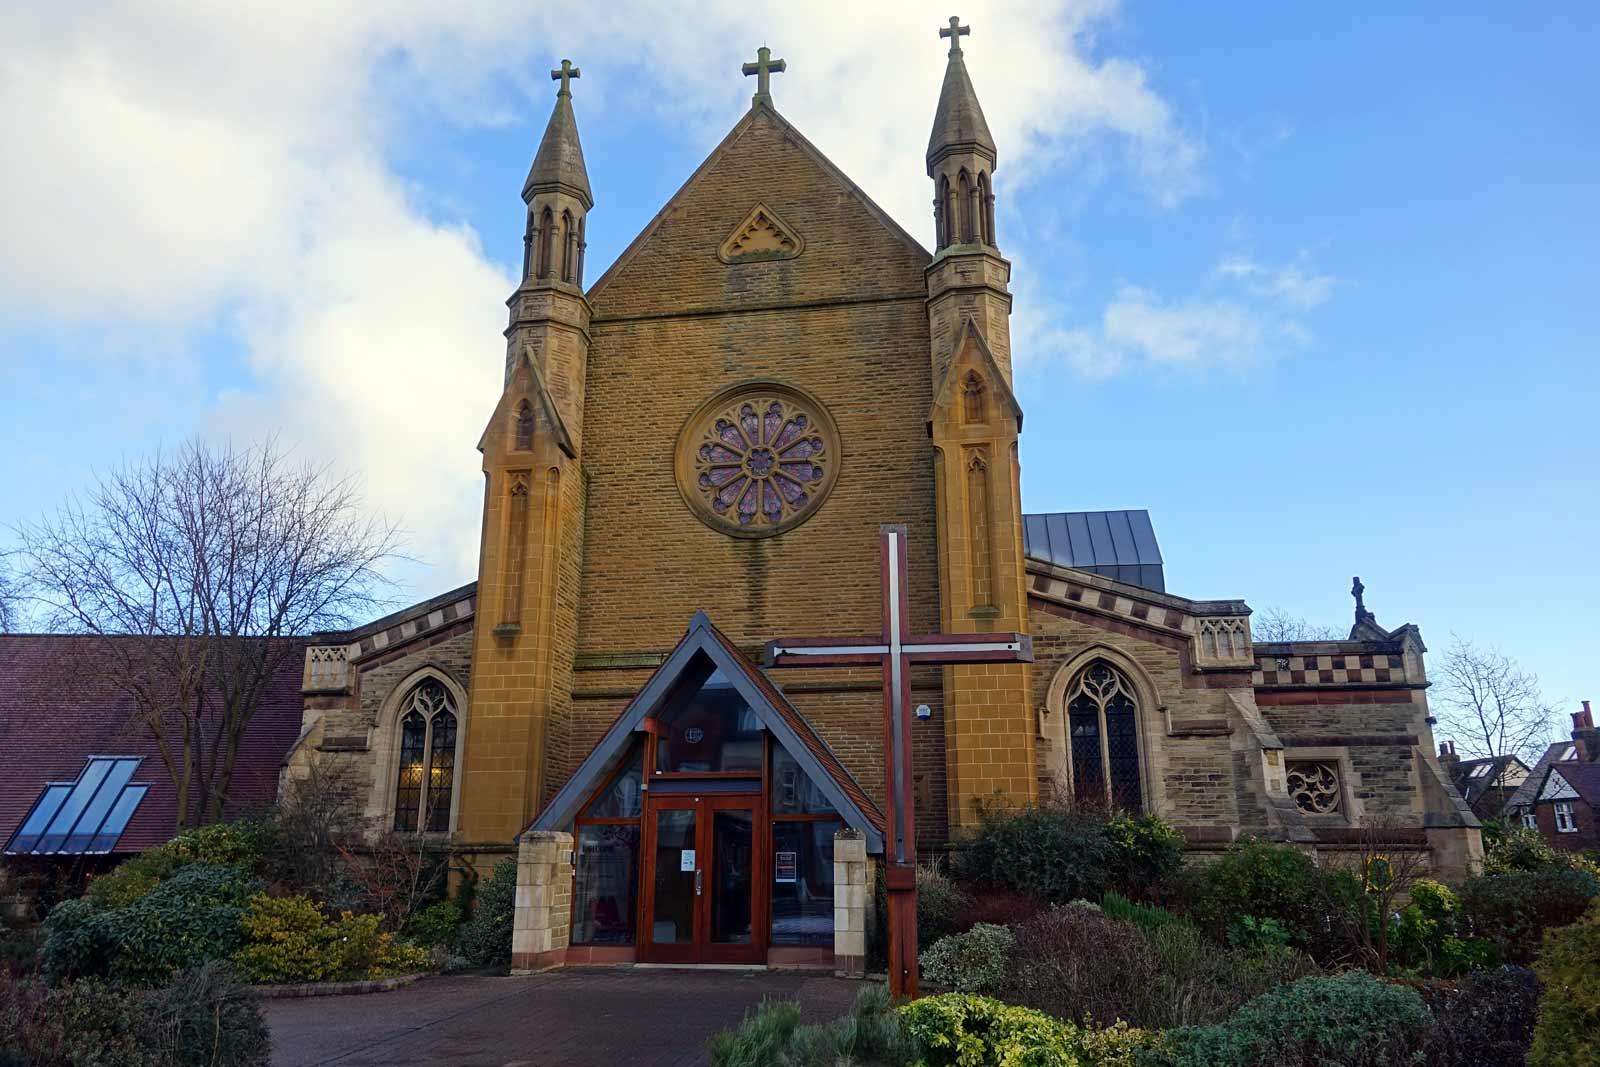 St Mark's Church, Leeds Road in Harrogate.